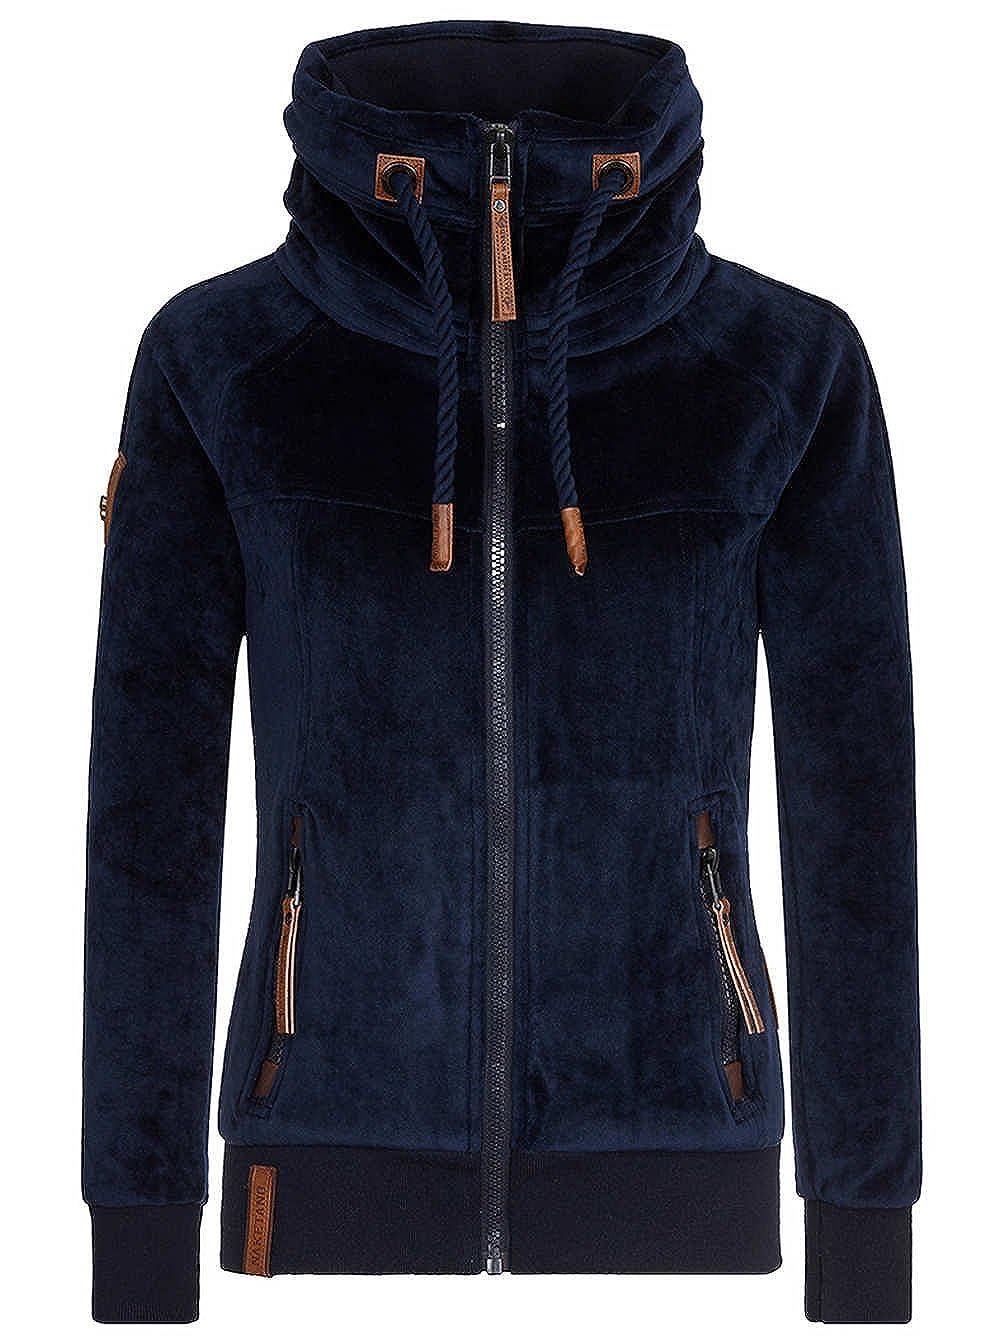 Naketano Women's Jacket Bottrops Belesch II 1731-0523